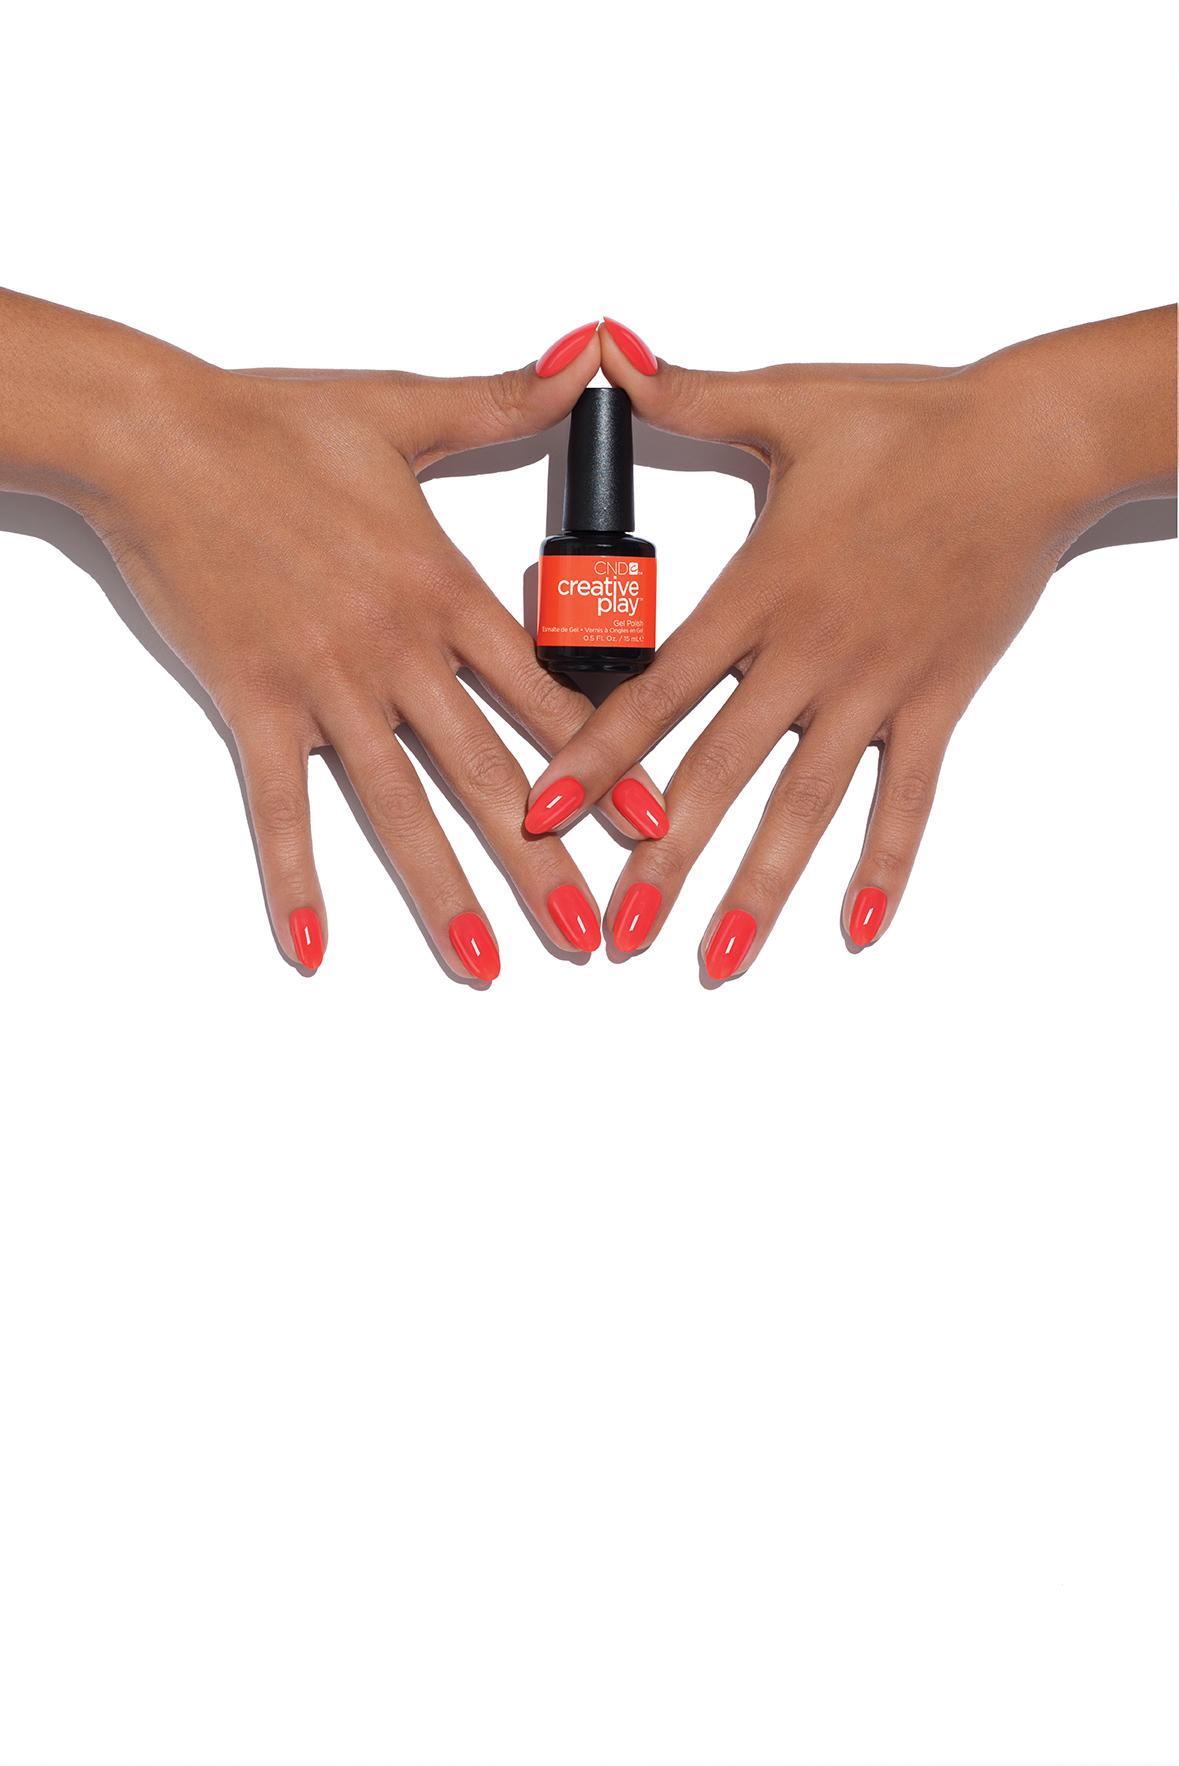 Hand-Model-Image-10_170526_Revlon_Creative_Play_Hands_010_084_v06.jpg